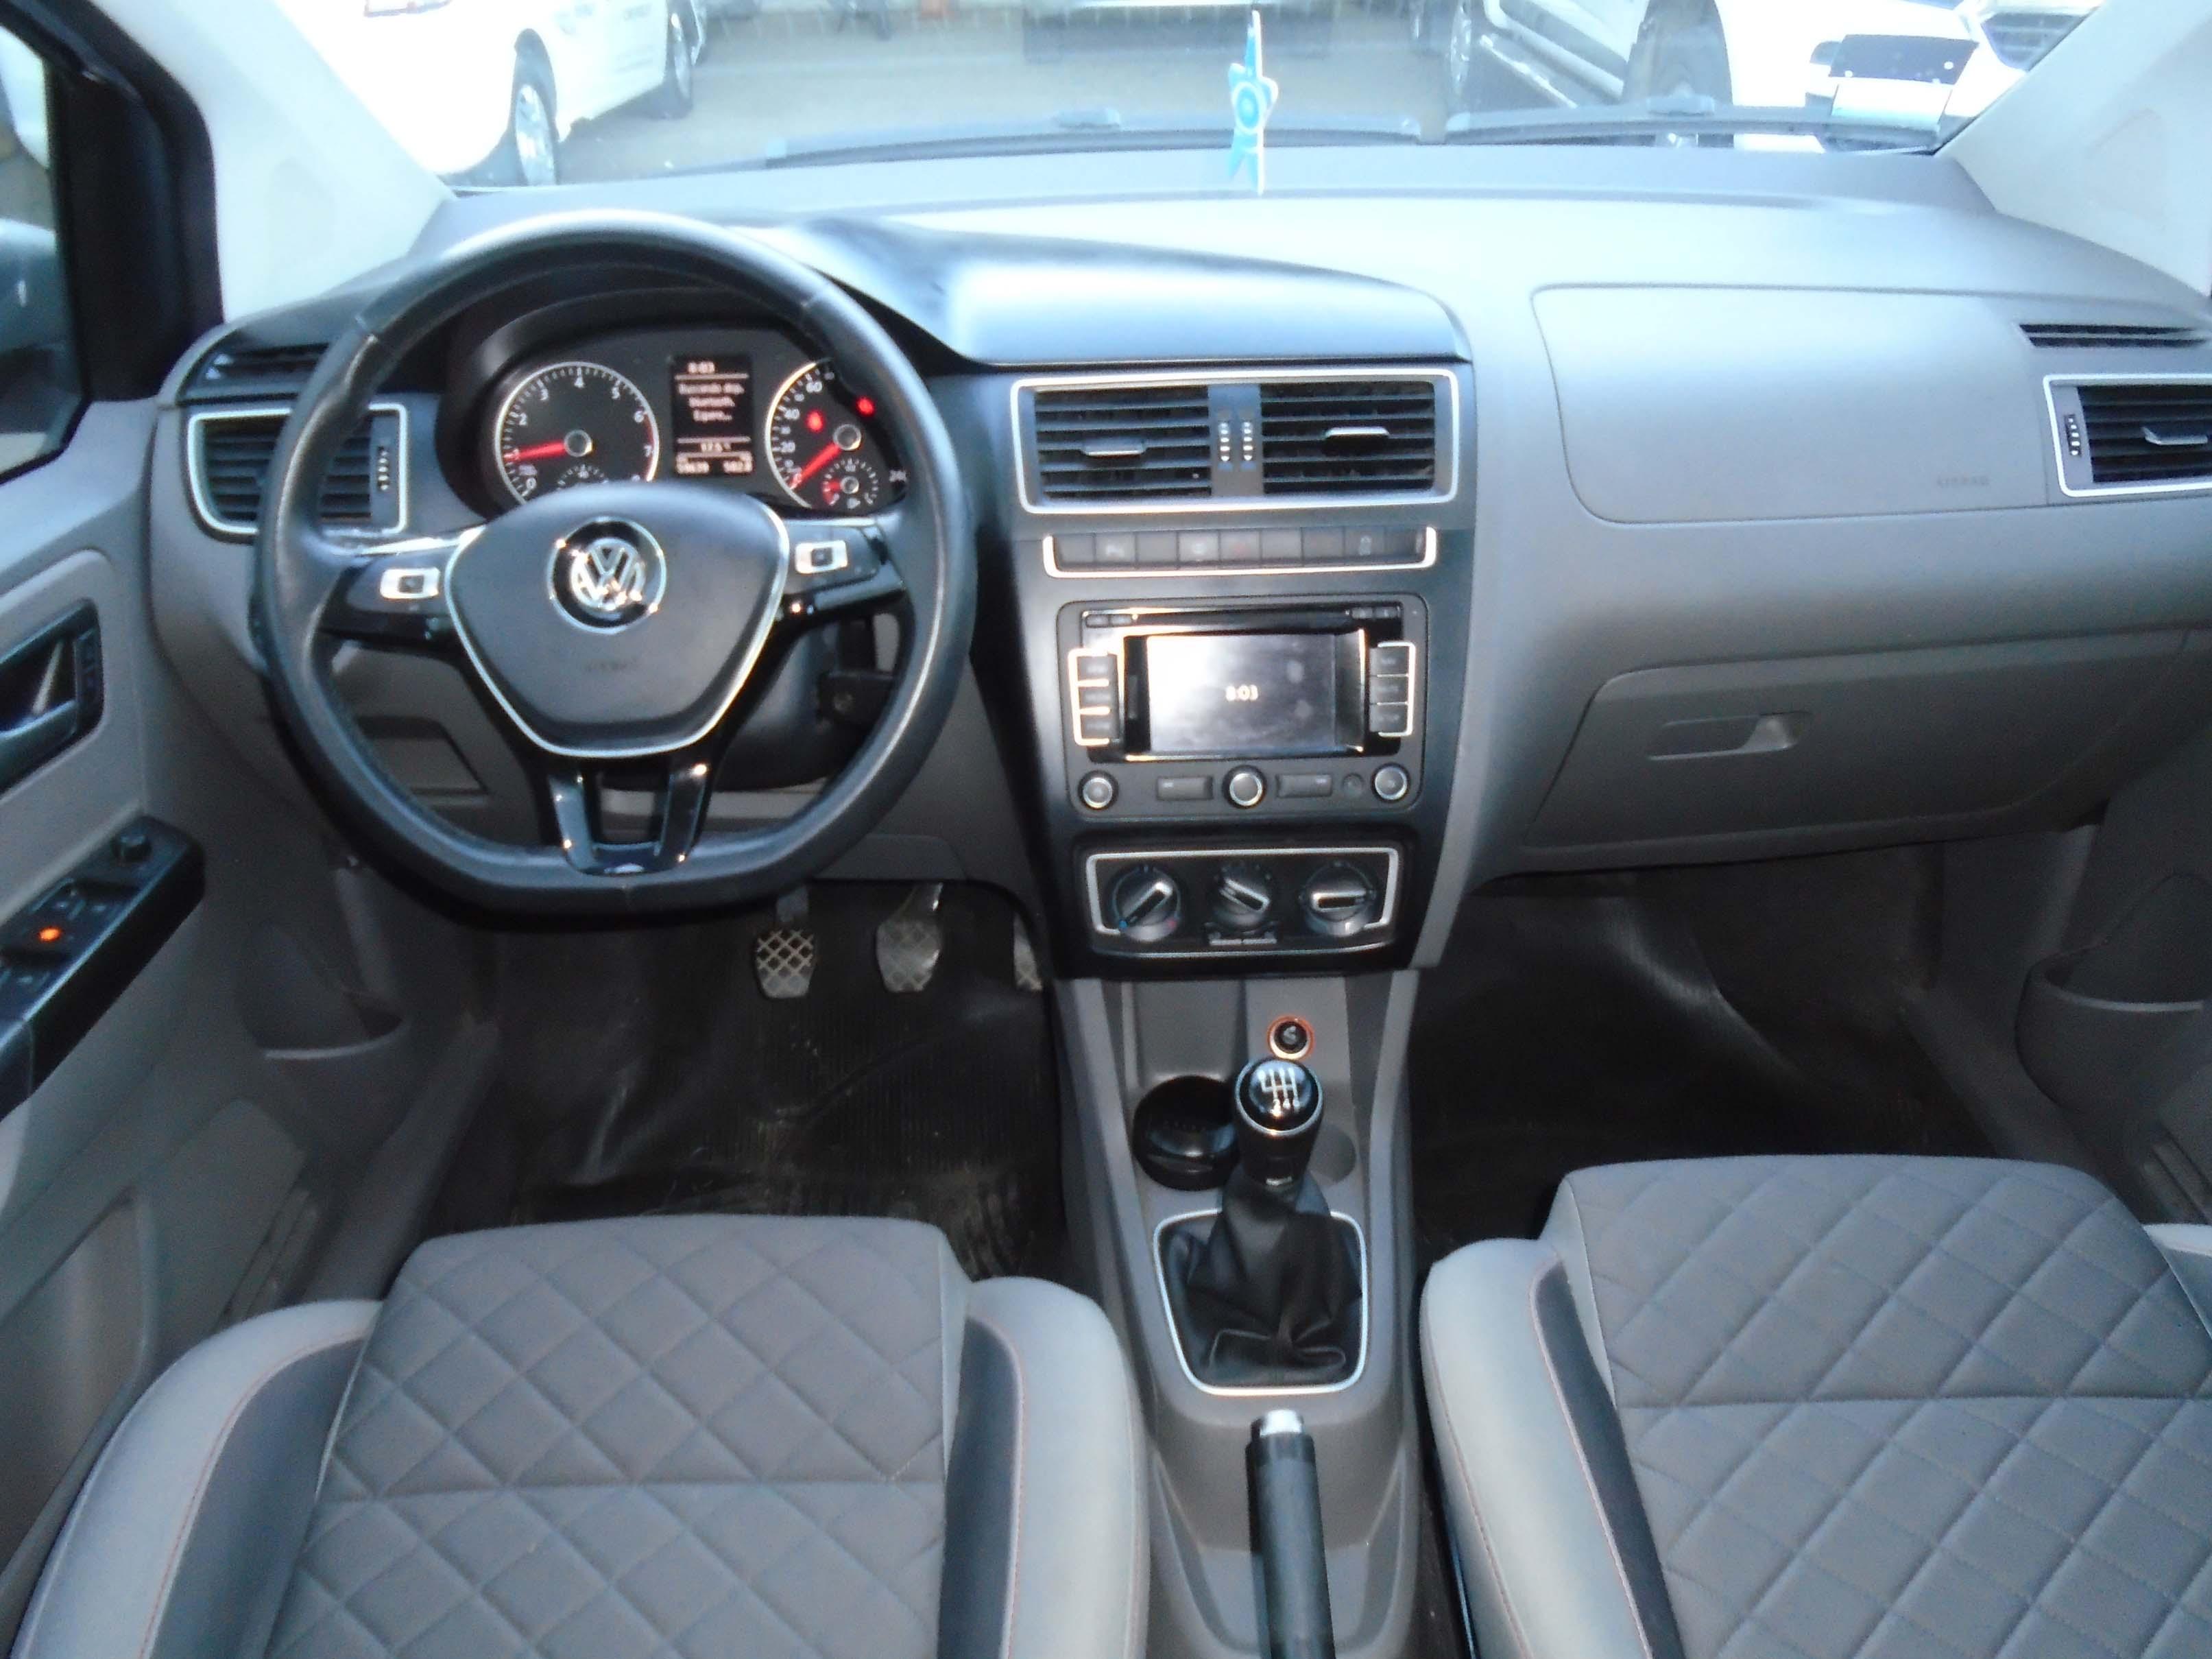 2015 VW SURAN HIGLINE 1,6